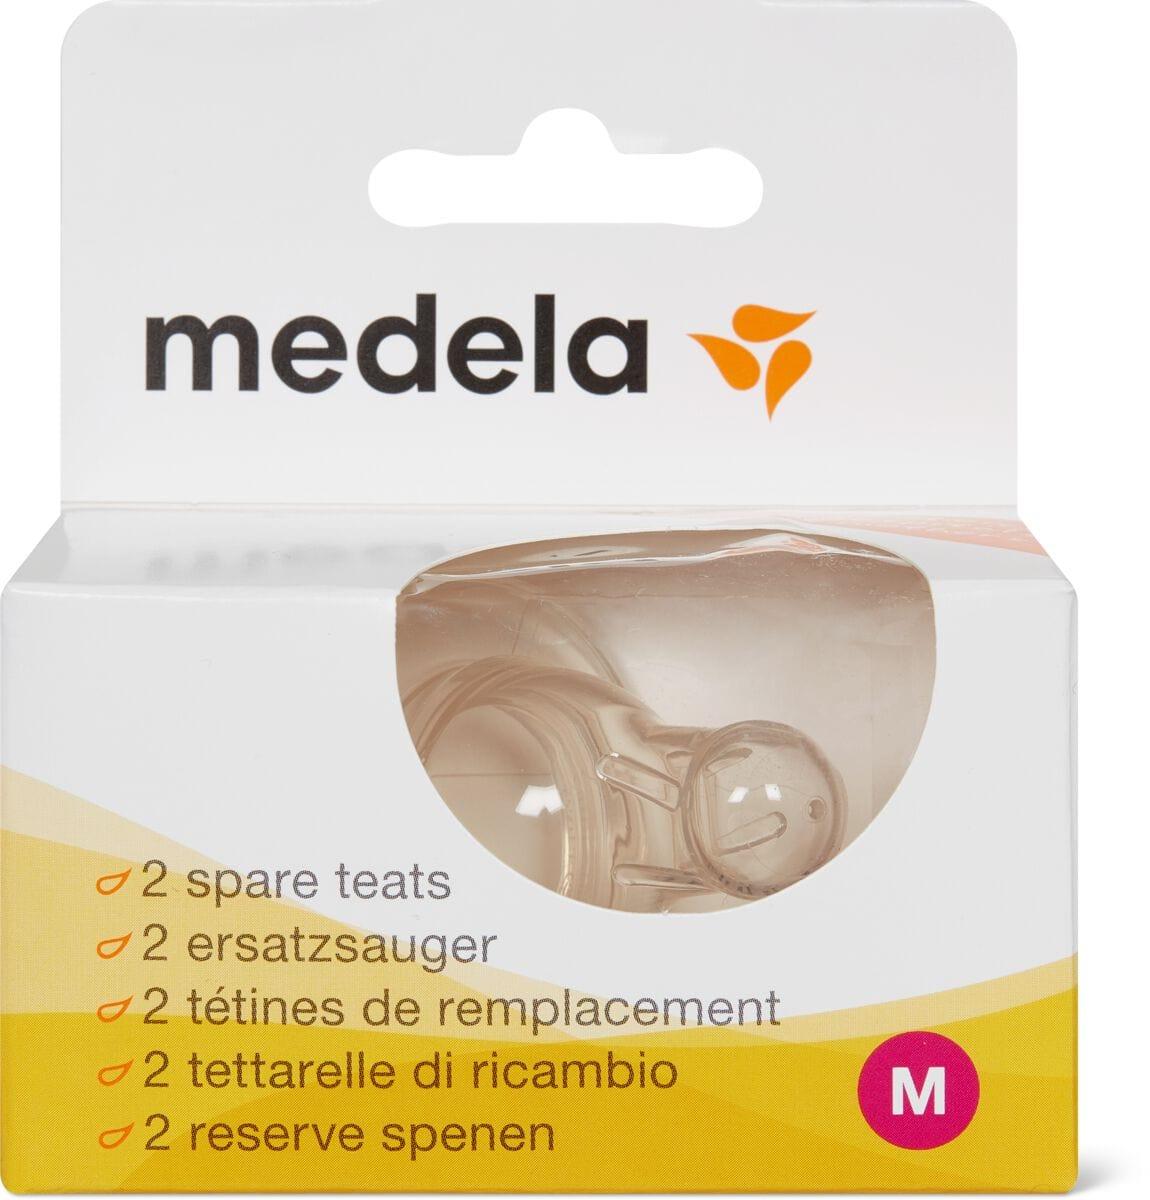 Medela Medela Ersatzsauger 4-6 Monate